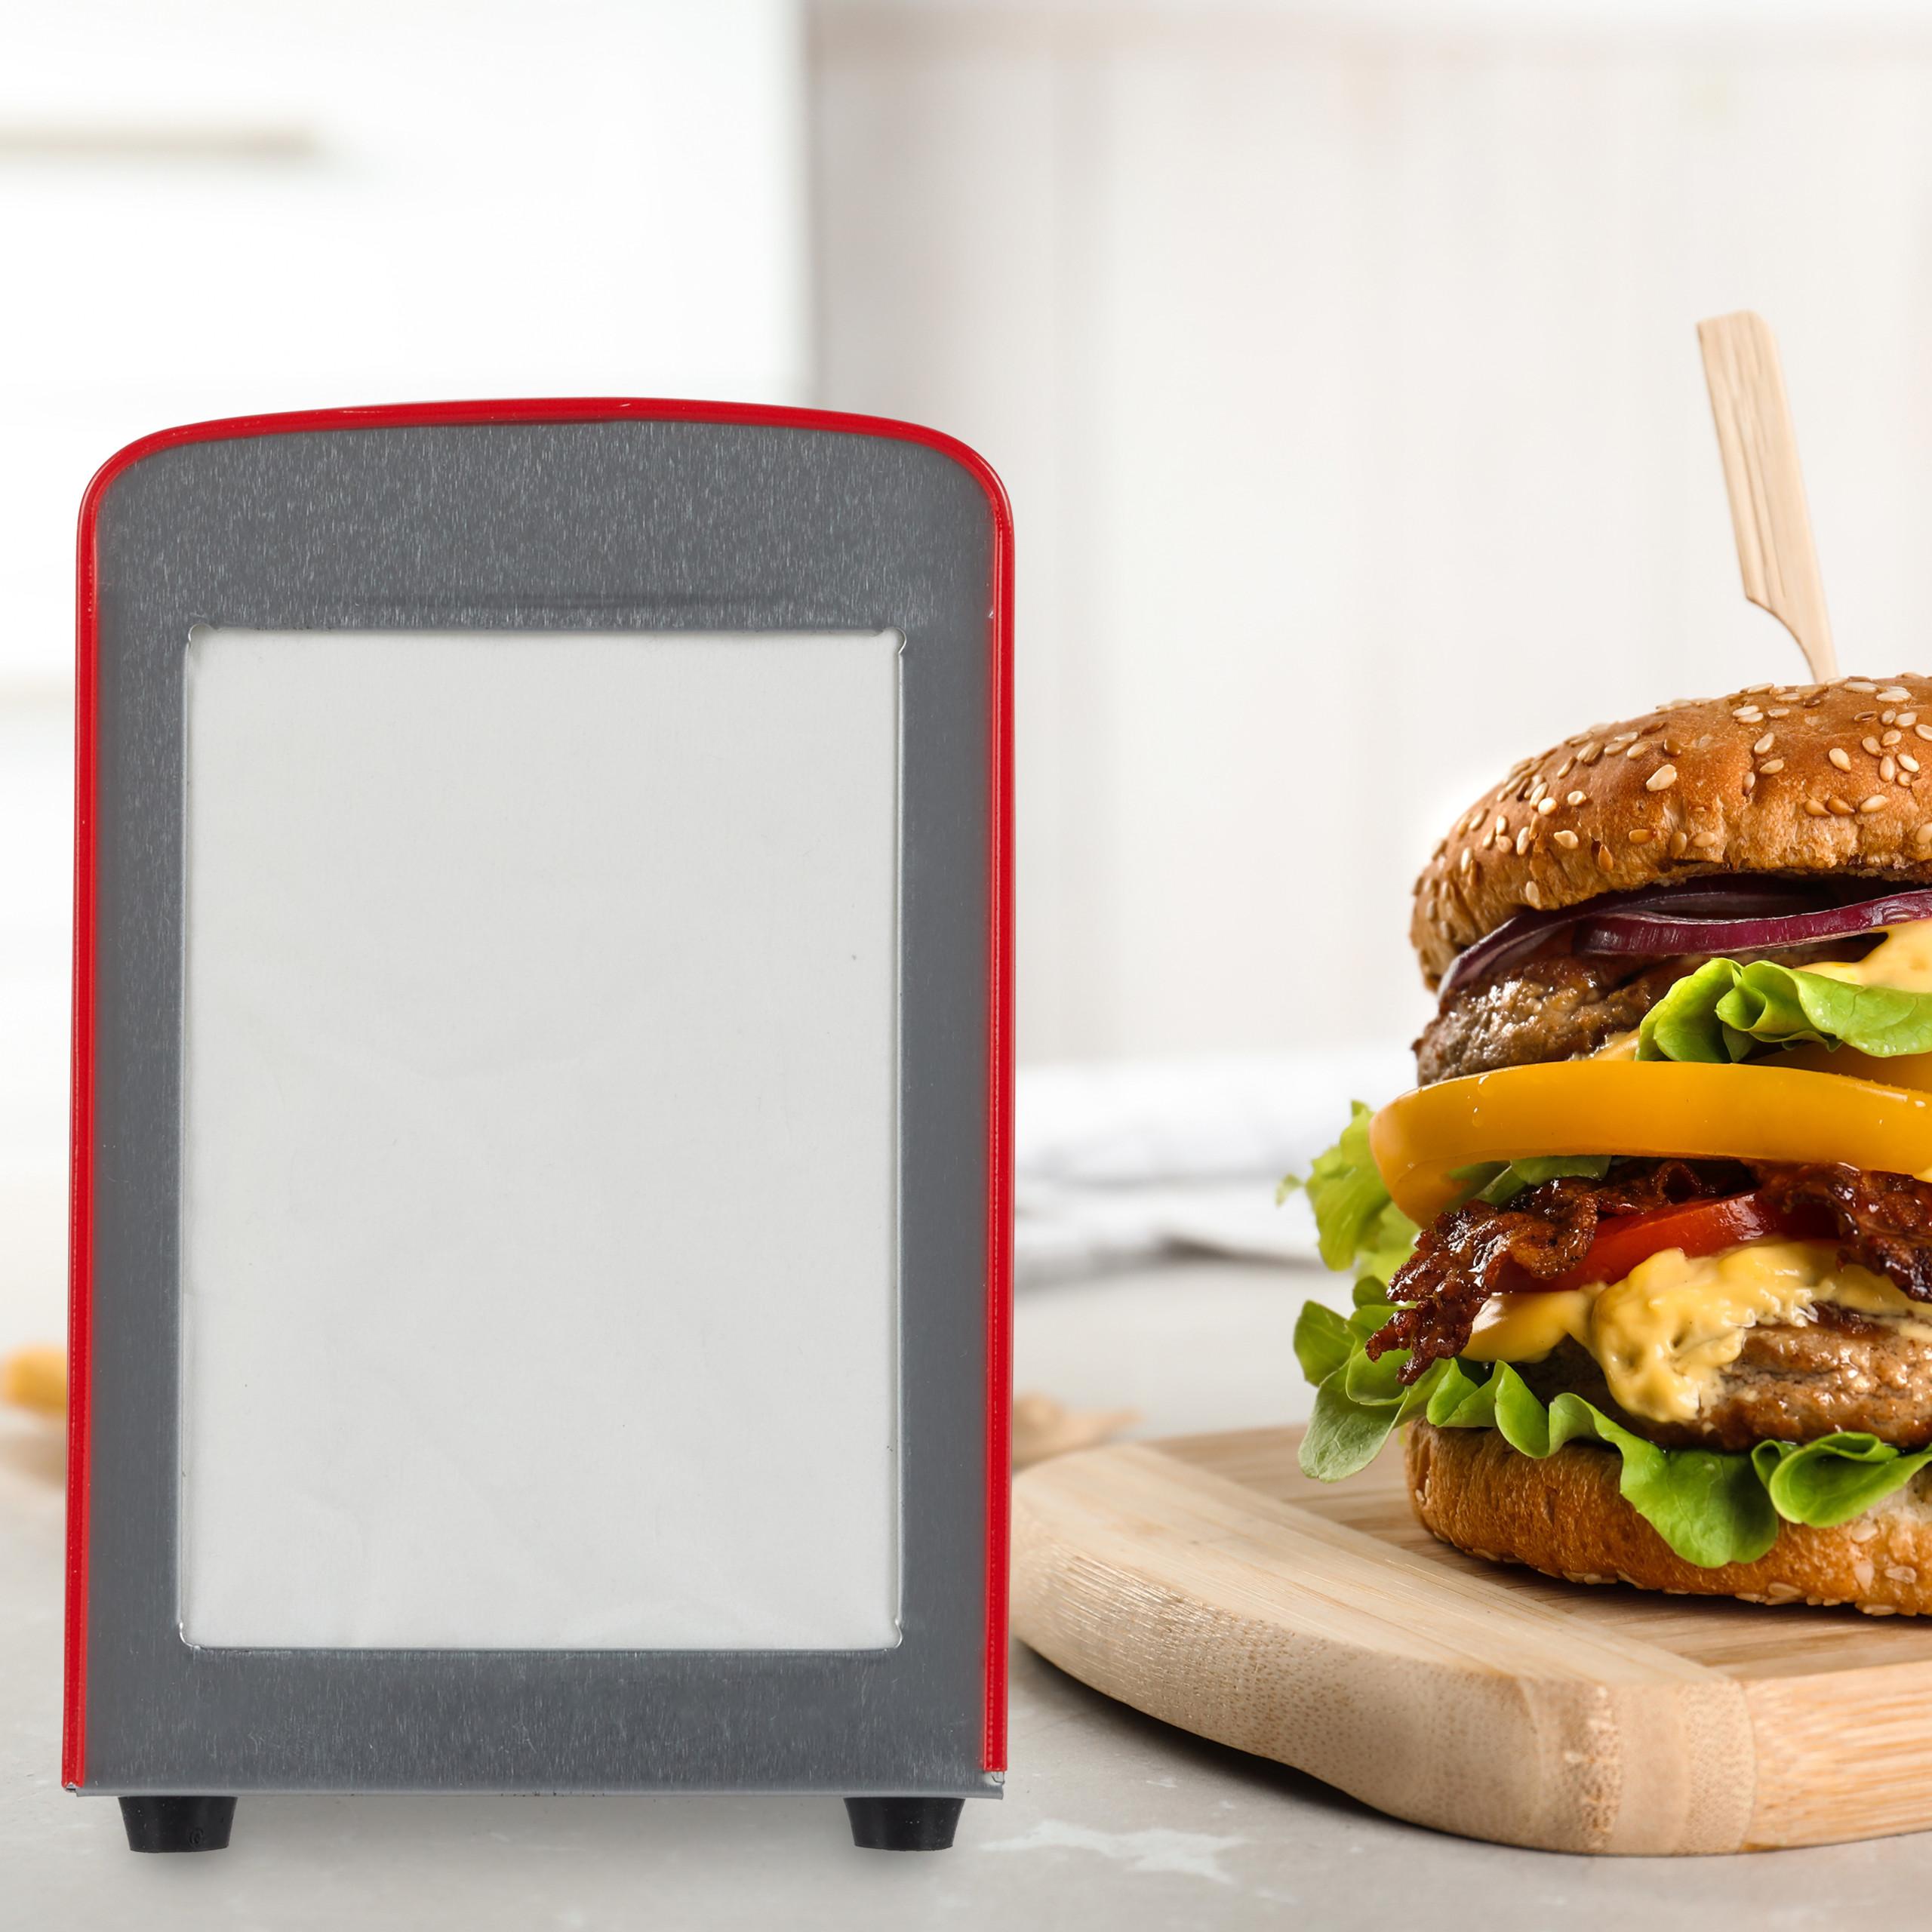 Napkin-Dispenser-Retro-American-Diner-Serviette-Holder-Restaurant thumbnail 4